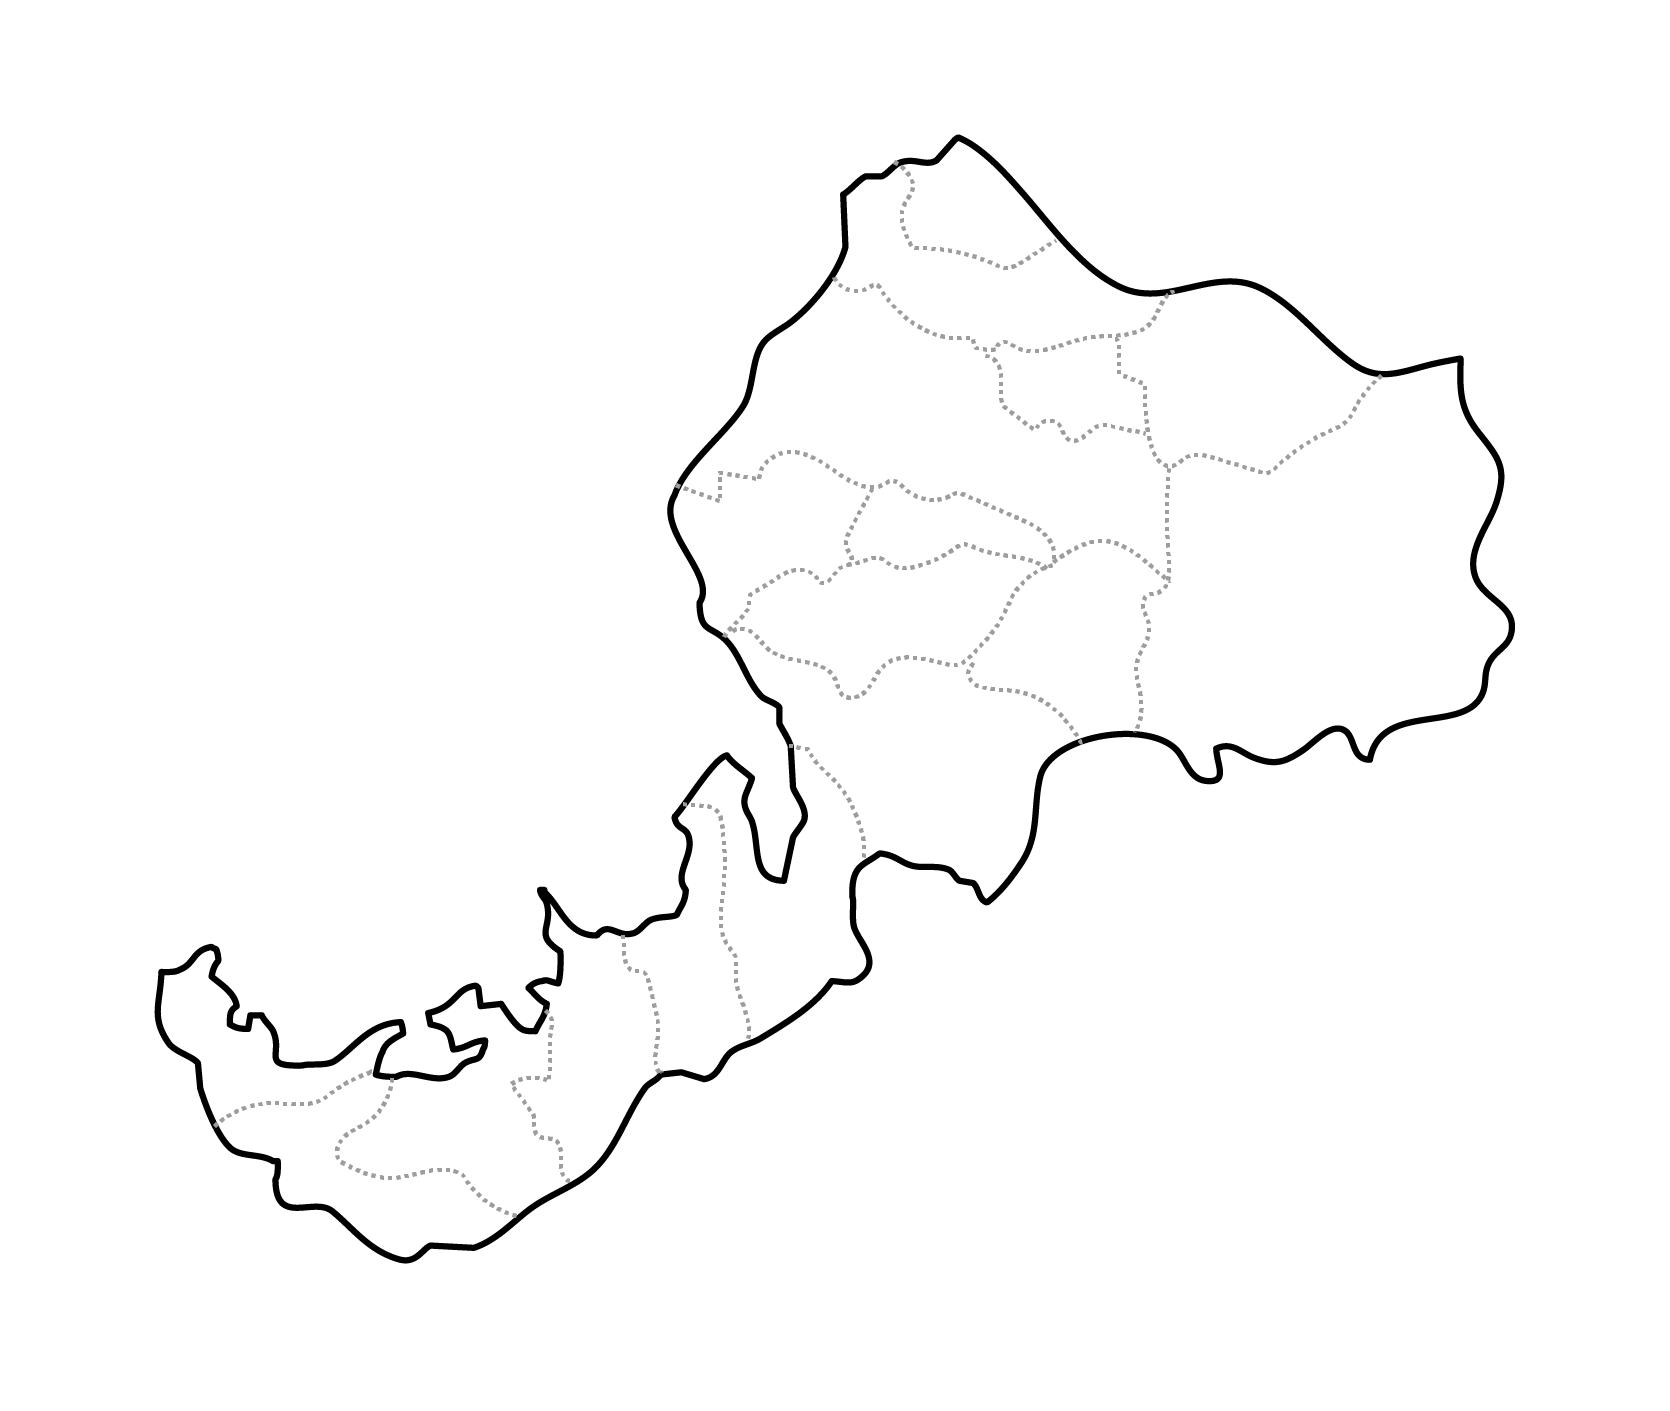 [白地図]福井県・ラインあり・市区町村名なし